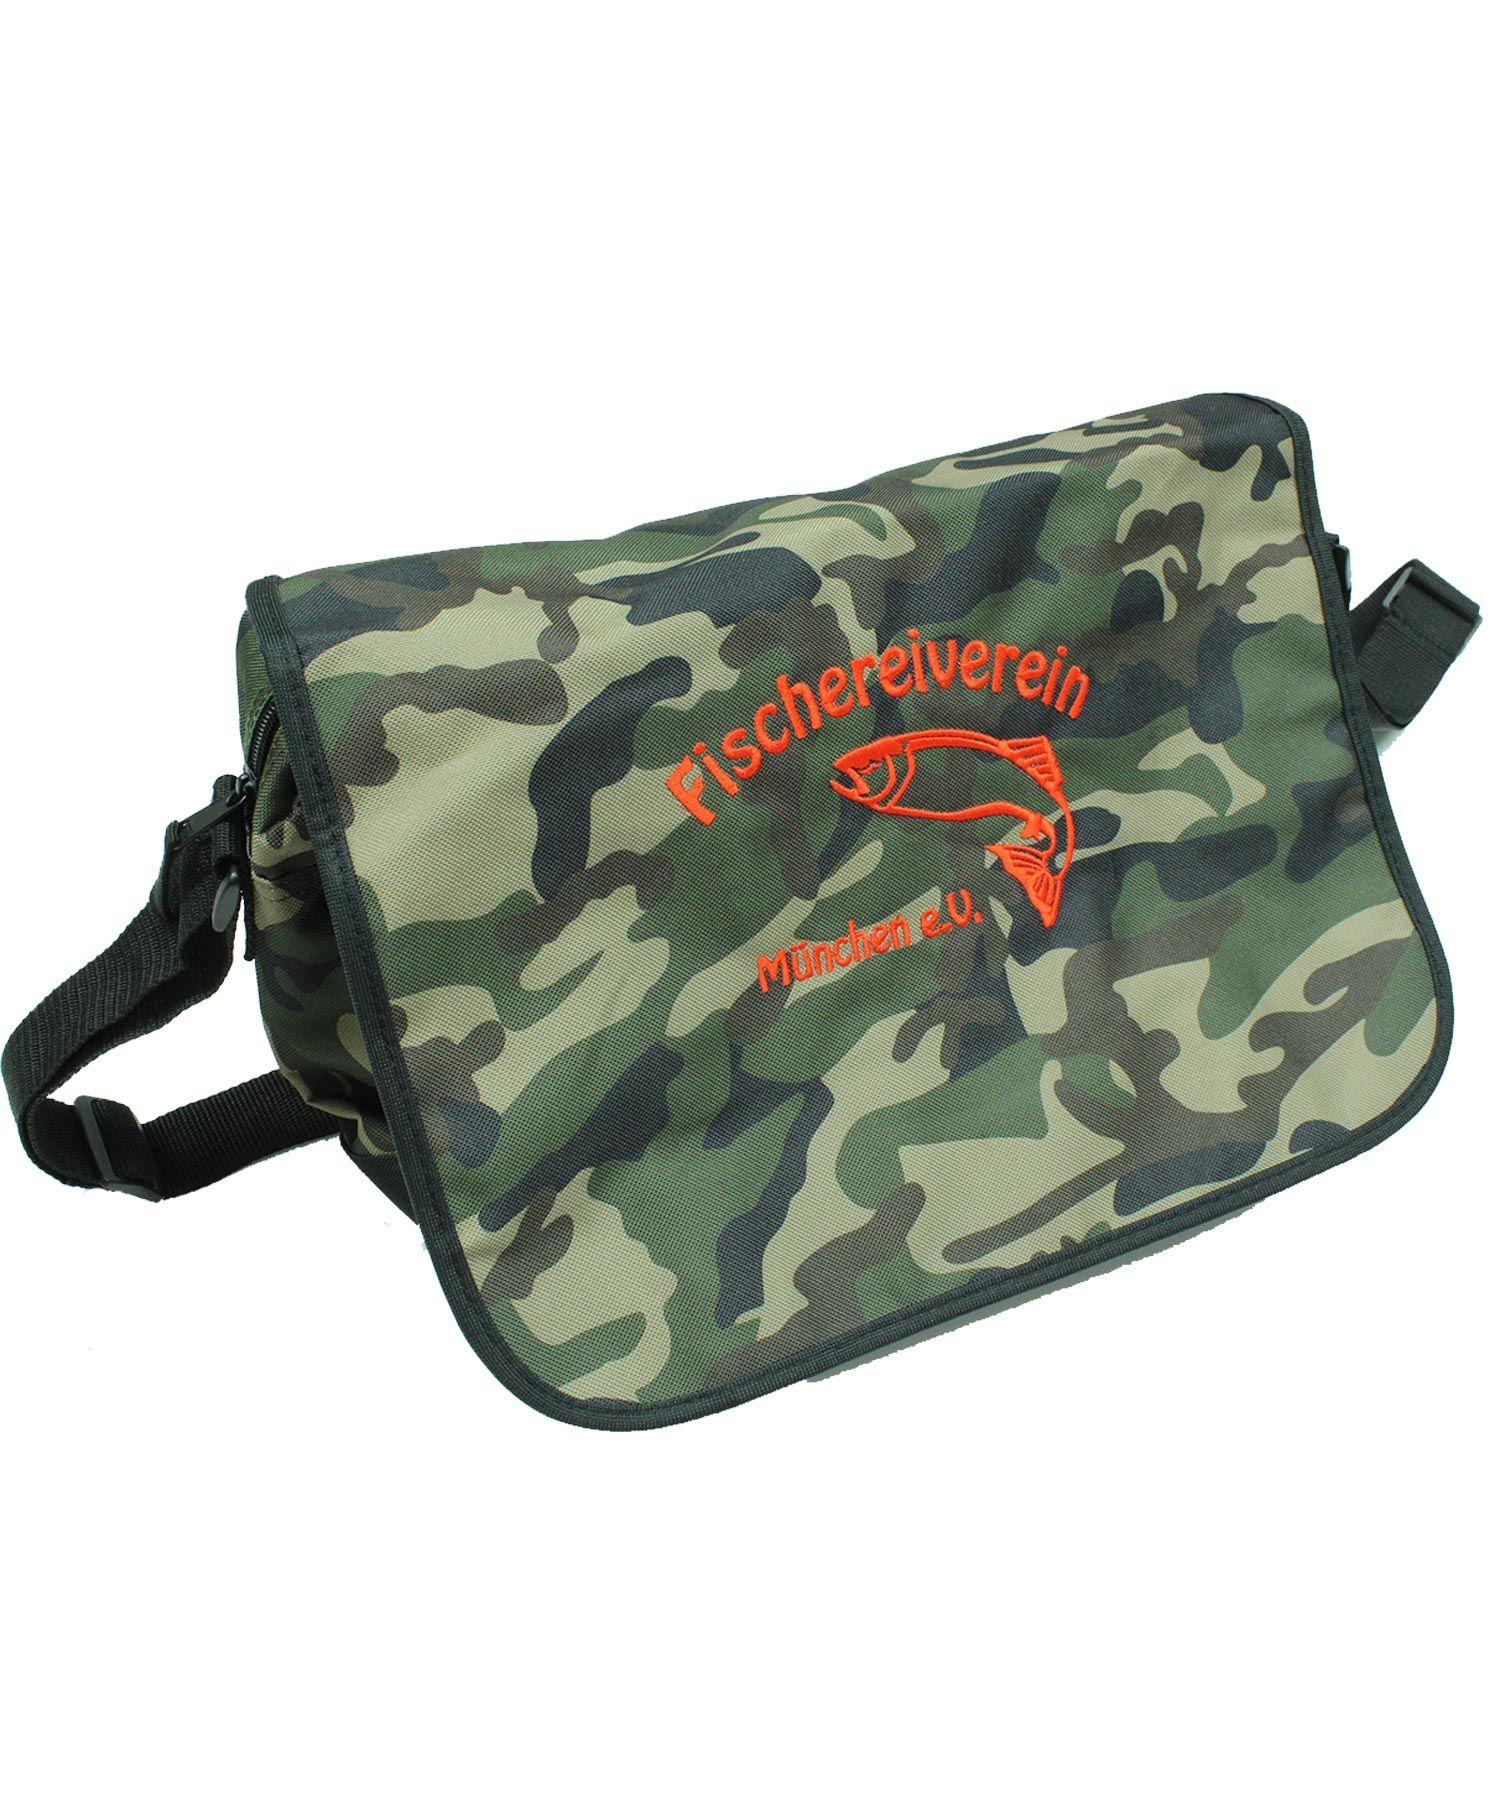 Die Tasche gibt es auch im Camouflage Look.